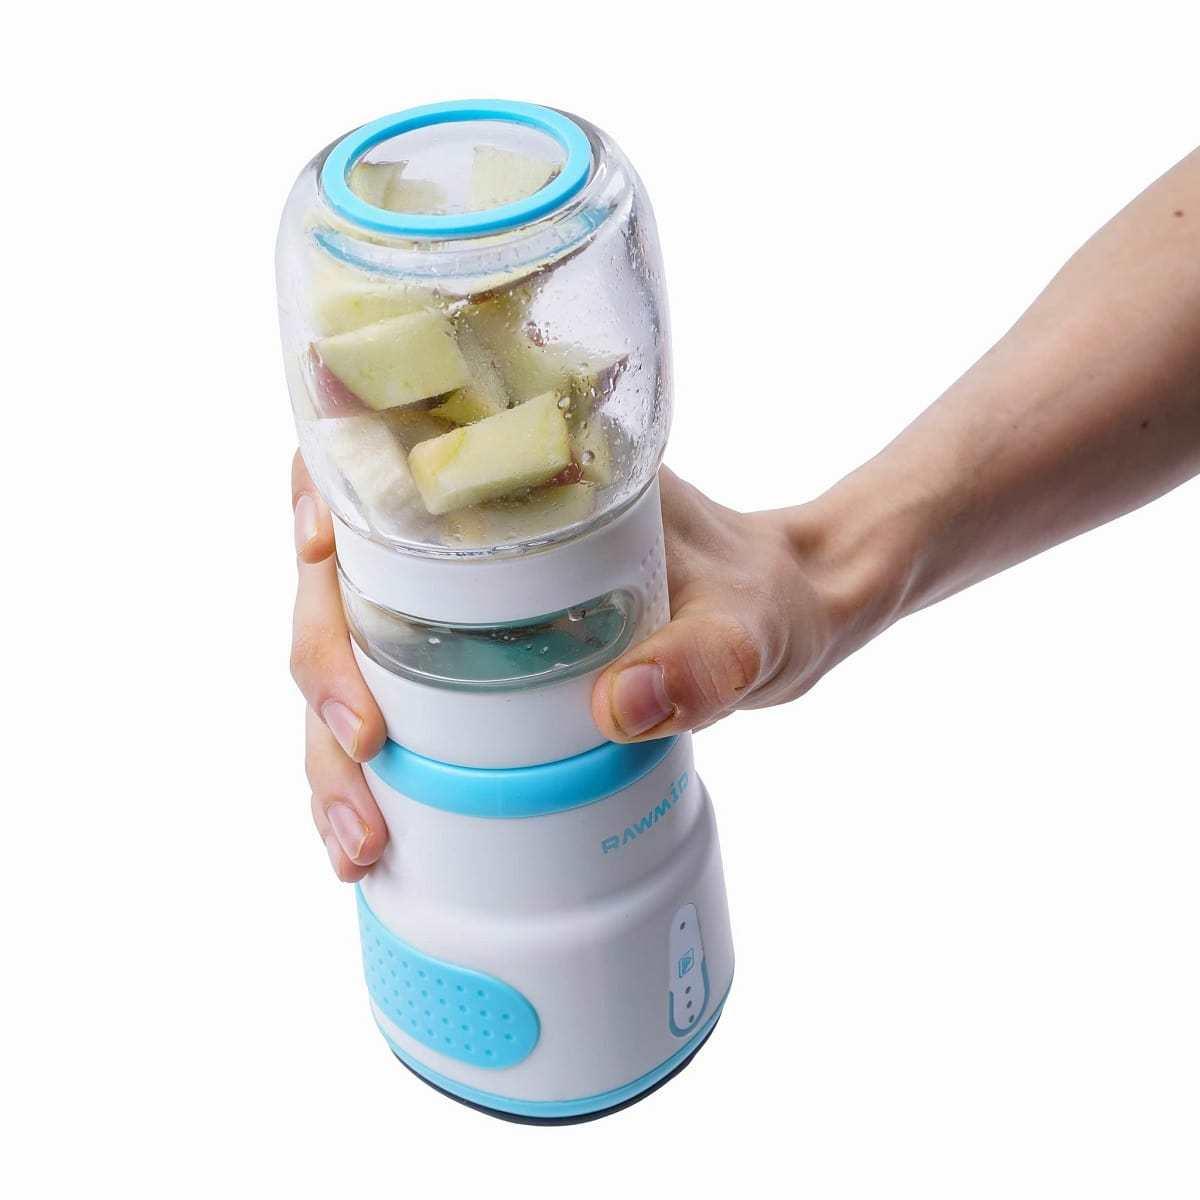 Компактный переносной блендер